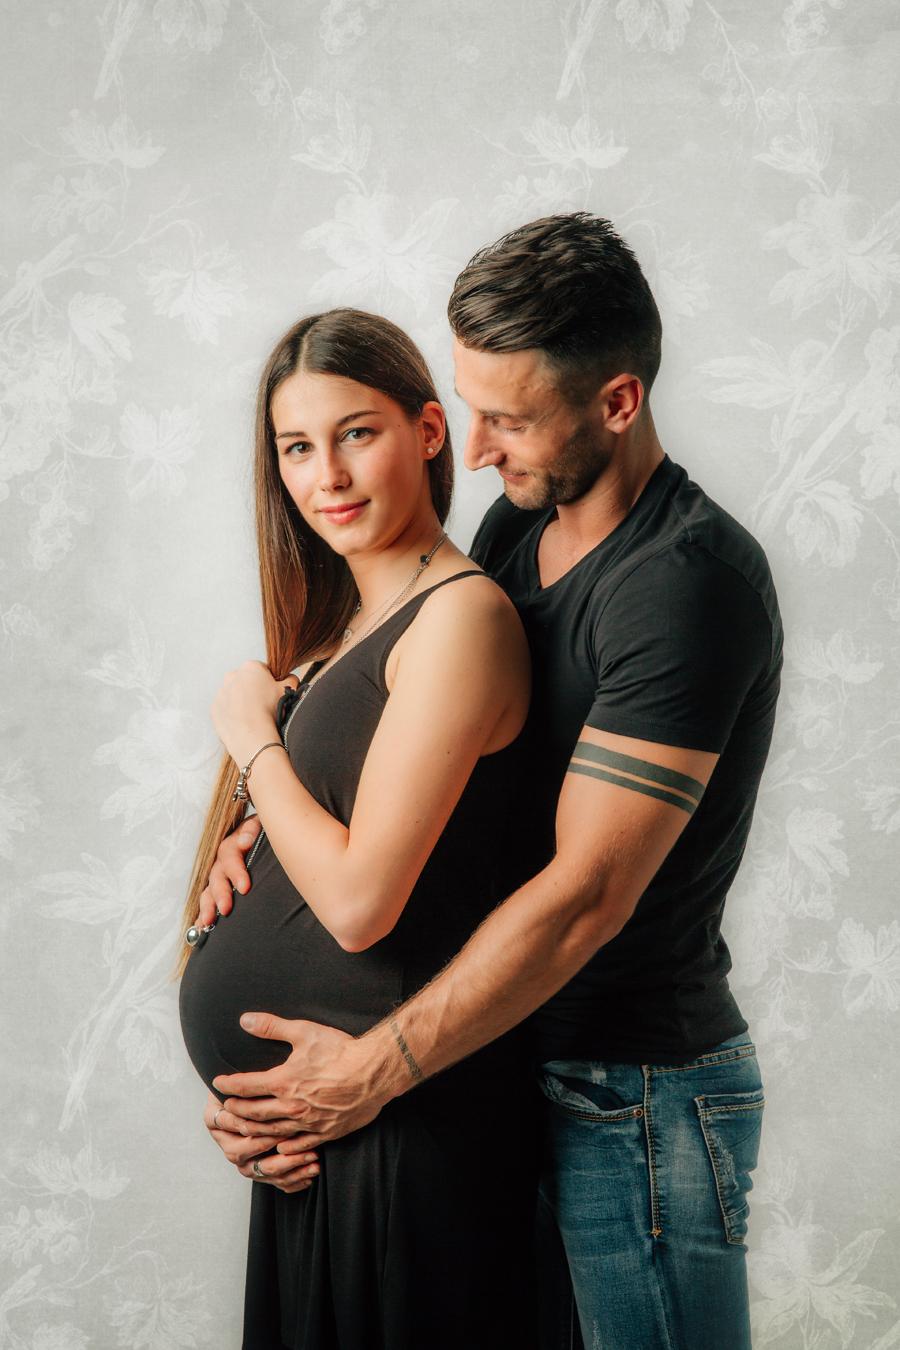 Renato_Zanette_Fotografo_Vittorio_Veneto_Studio_Familyshooting_Motherhood_Ioete